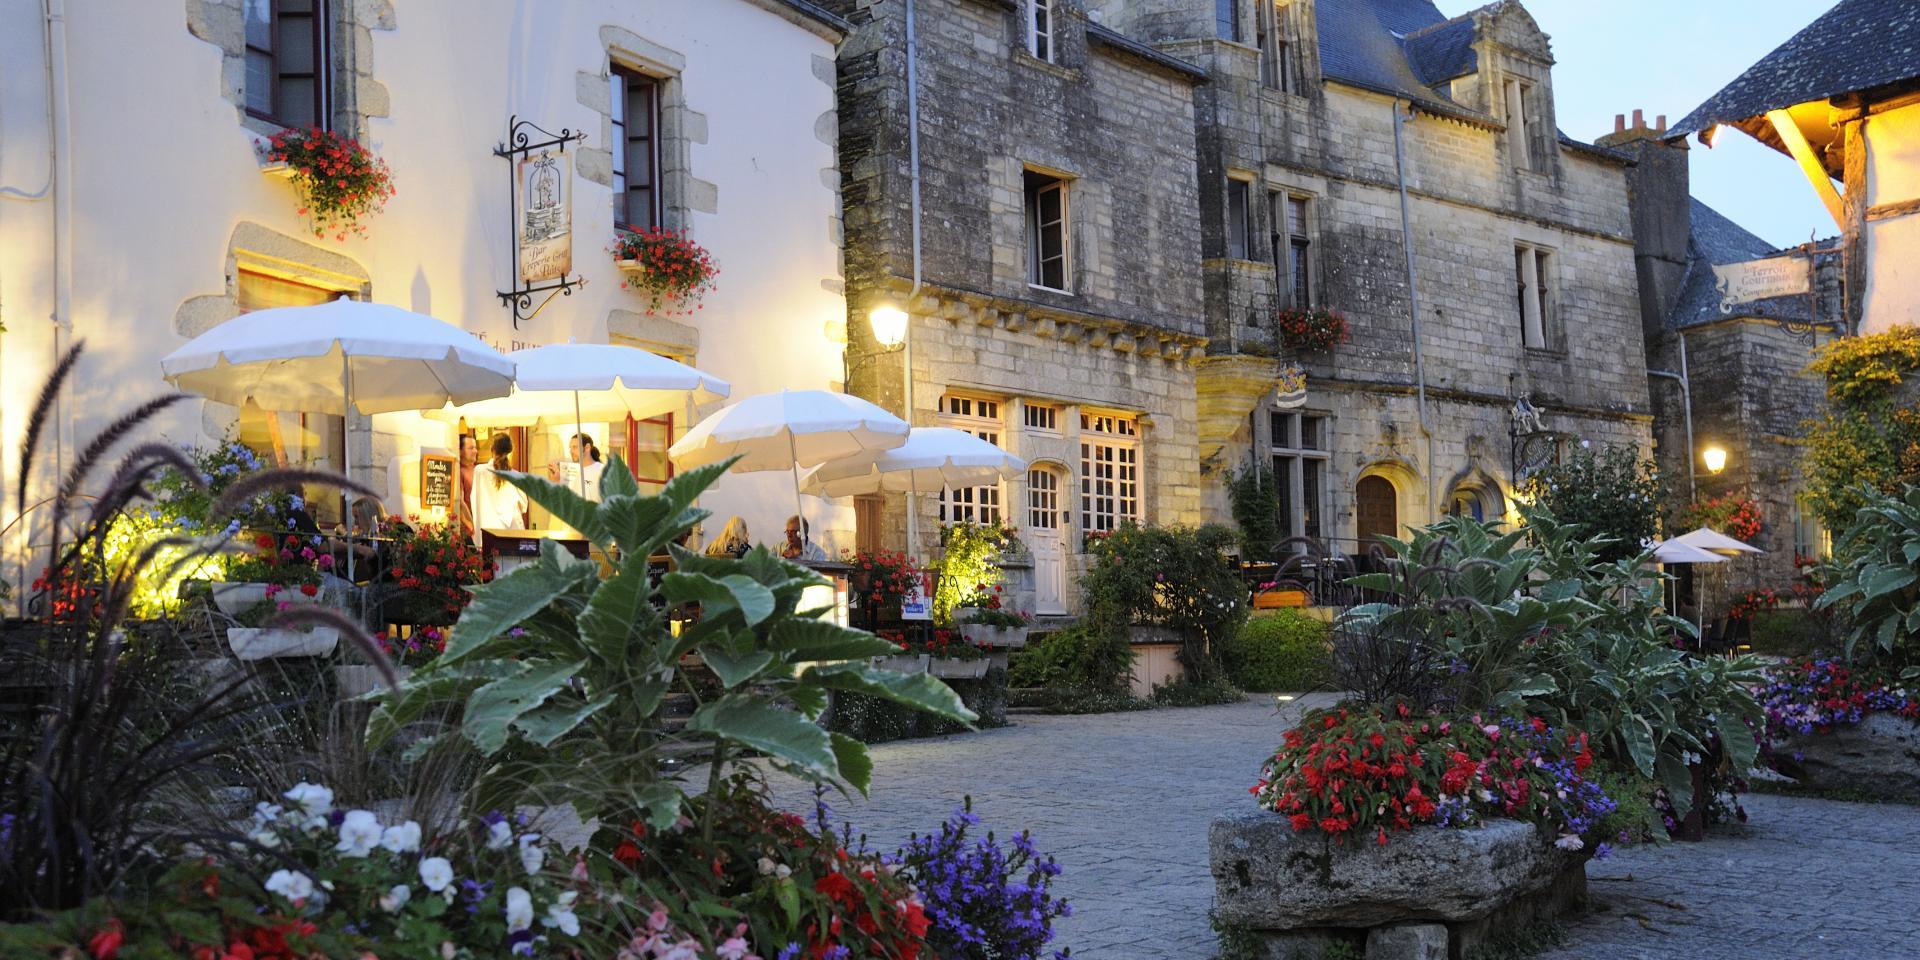 Rochefort-en-Terre   Holiday Villages In France